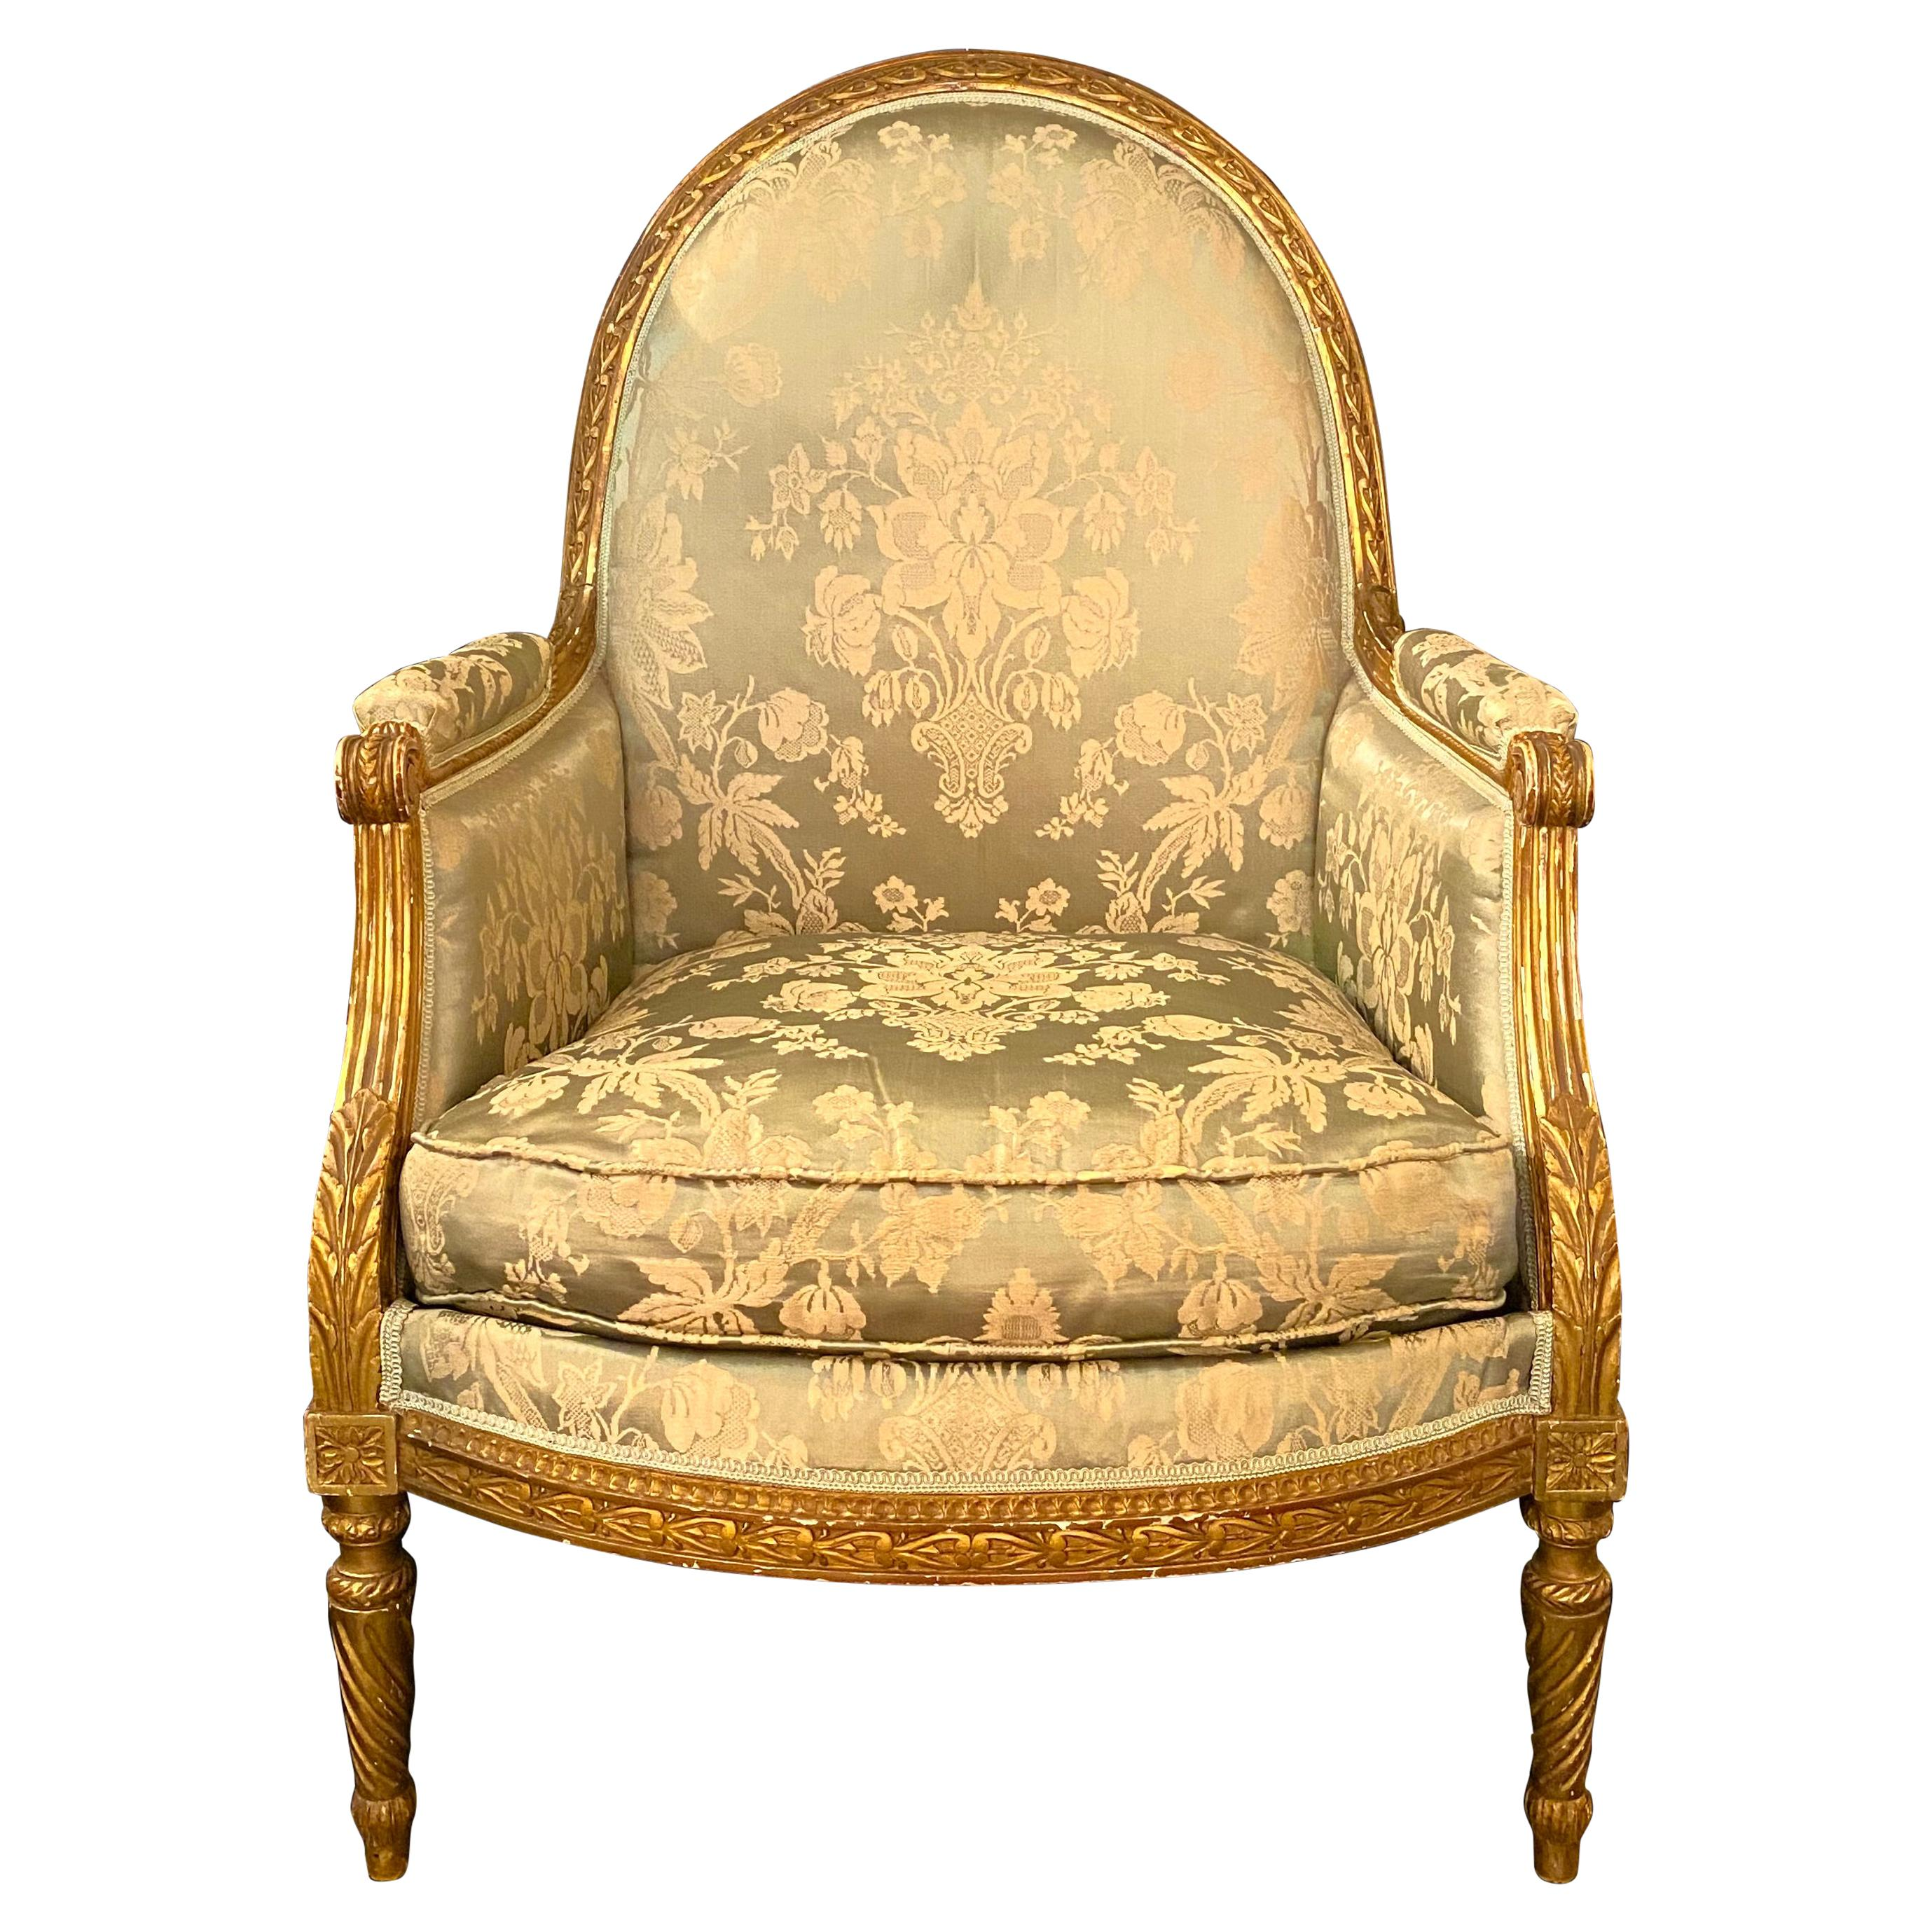 Maison Jansen Louis XVI Style Giltwood Bergère Armchair